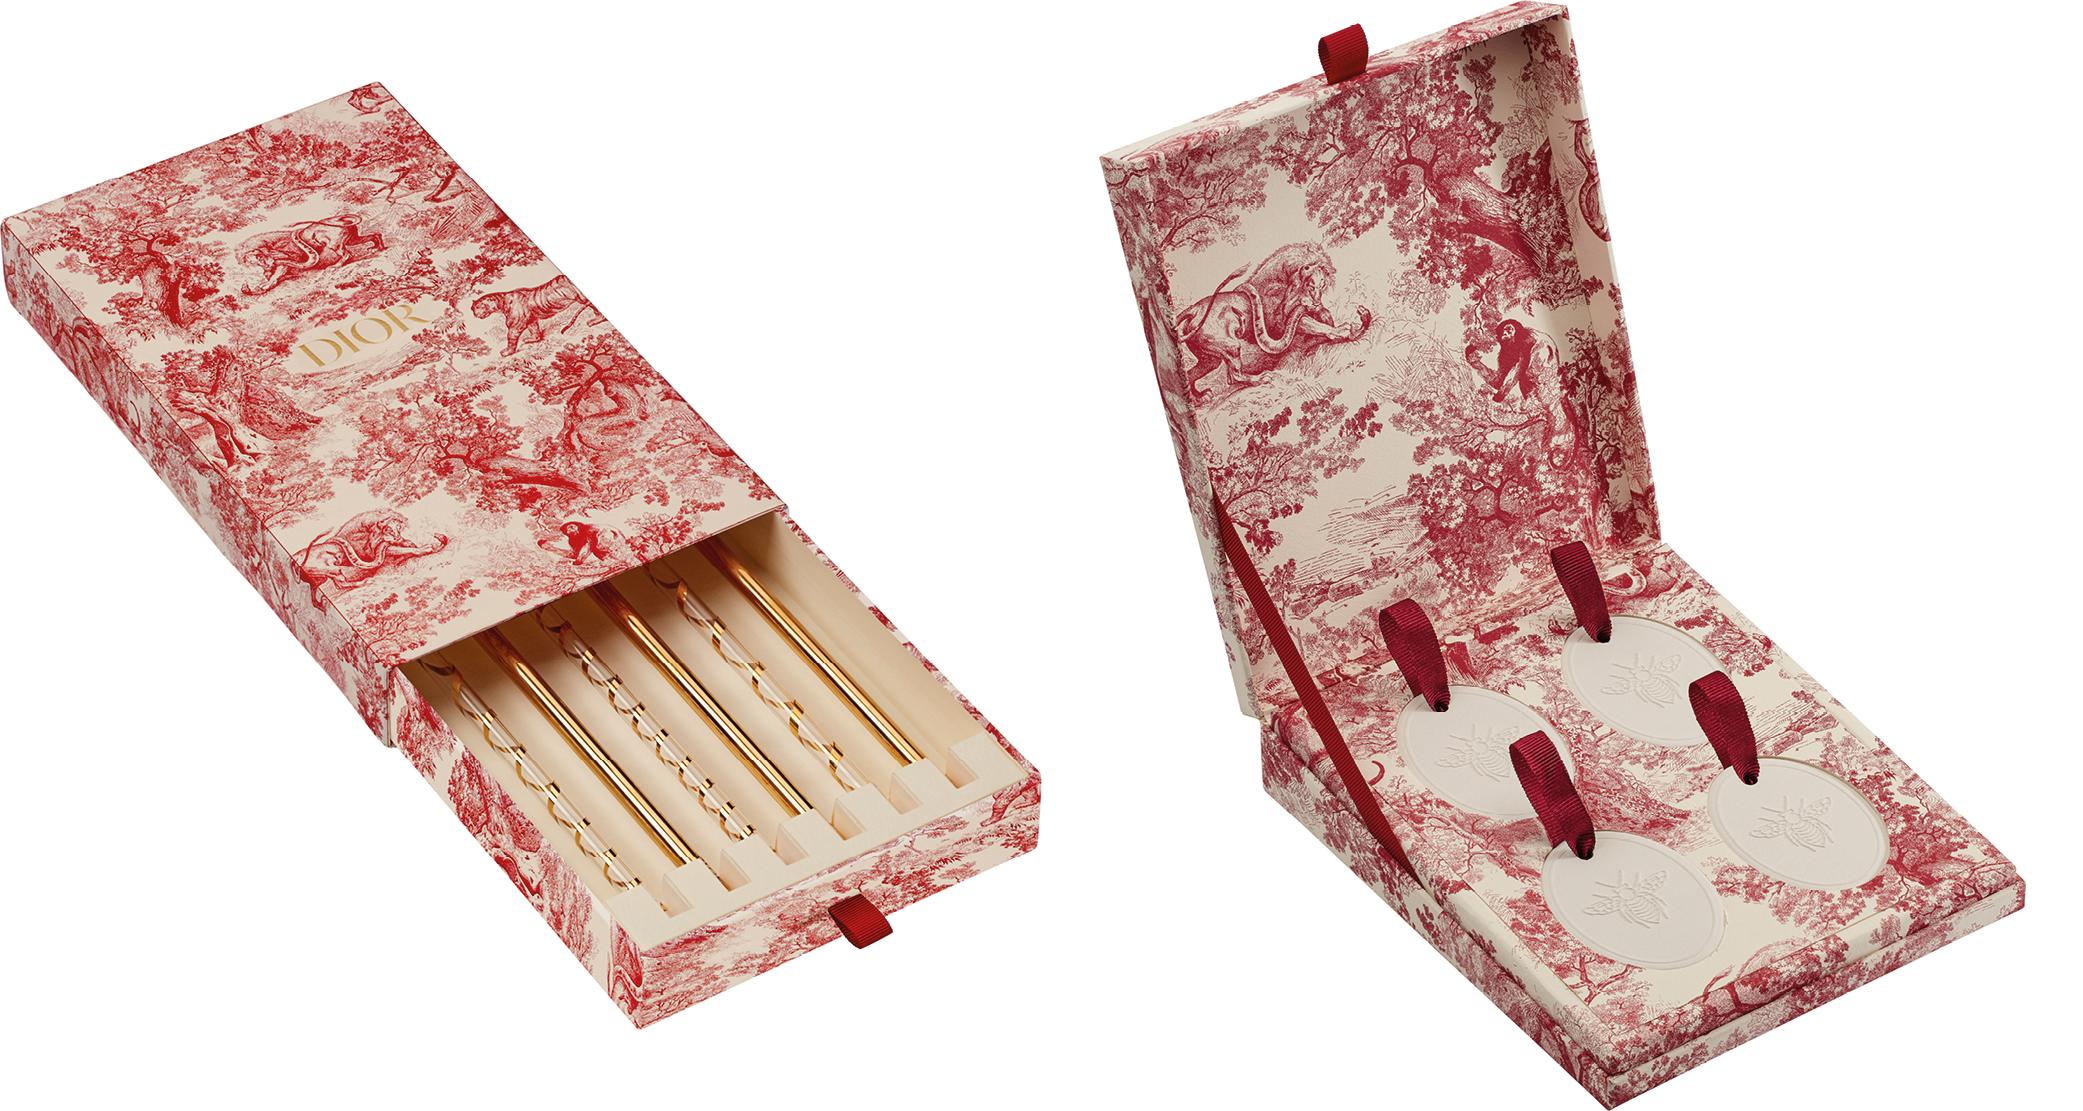 Pailles en verre et céramiques à parfumer de la collection toile de Jouy par Dior